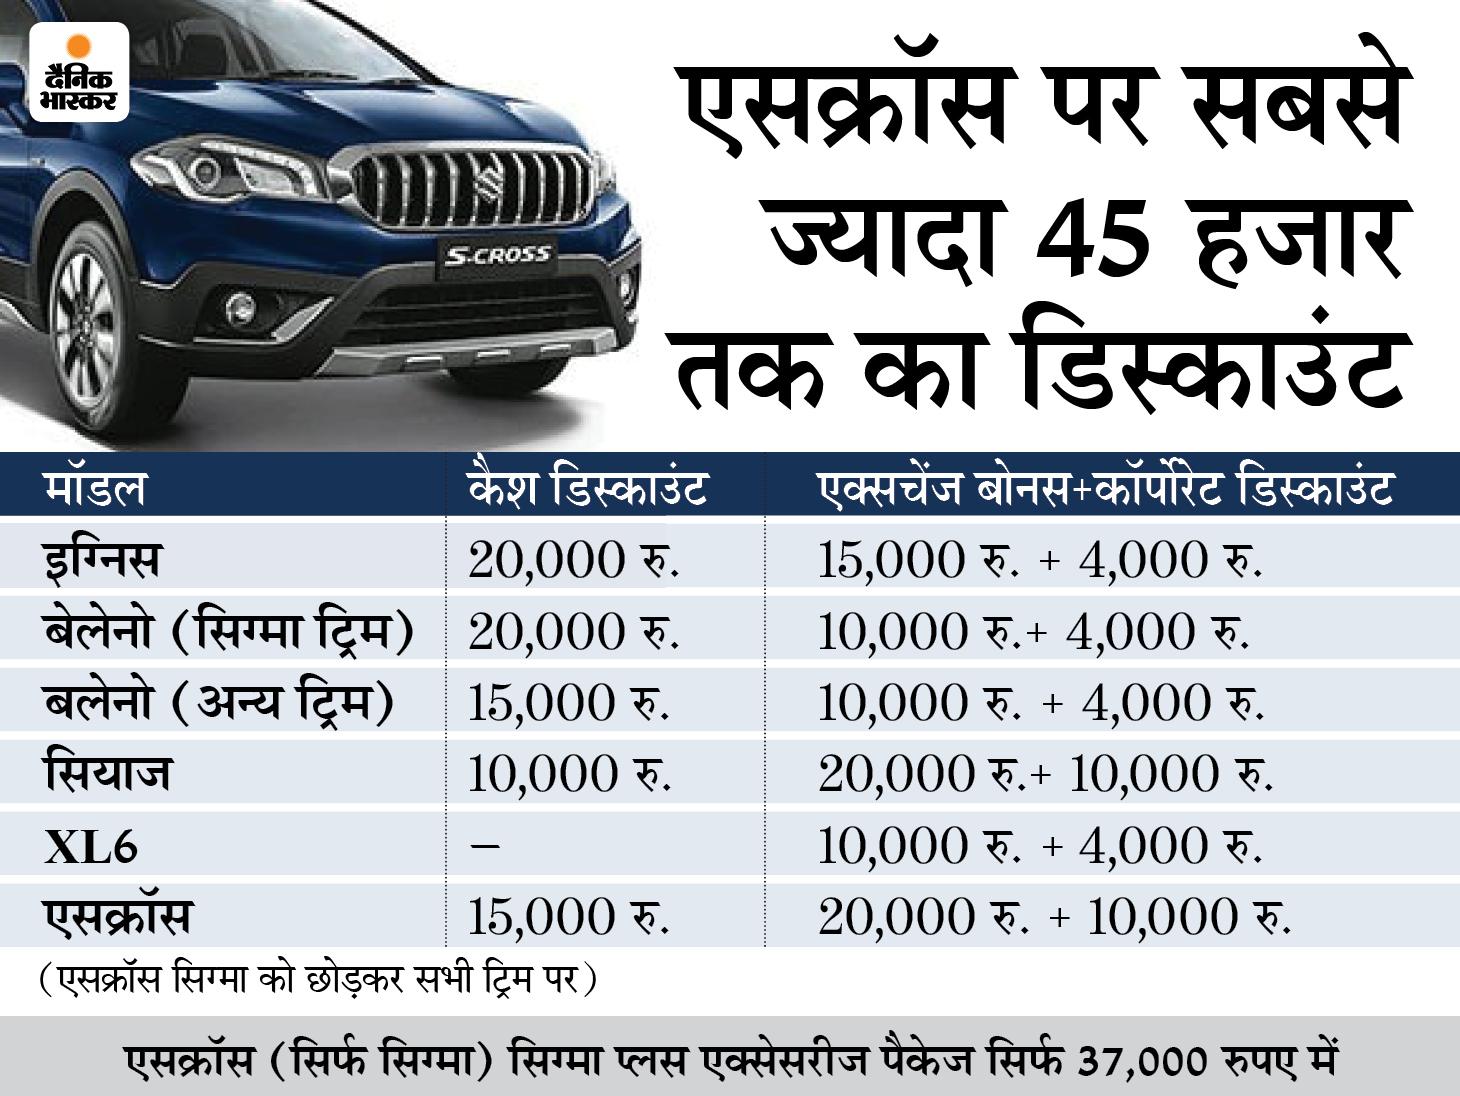 इस महीने नेक्सा डीलरशिप की कार खरीदना हो सकता है फायदे का सौदा, इन 5 कारों पर मिल रहा है 45 हजार रु. तक का डिस्काउंट टेक & ऑटो,Tech & Auto - Dainik Bhaskar